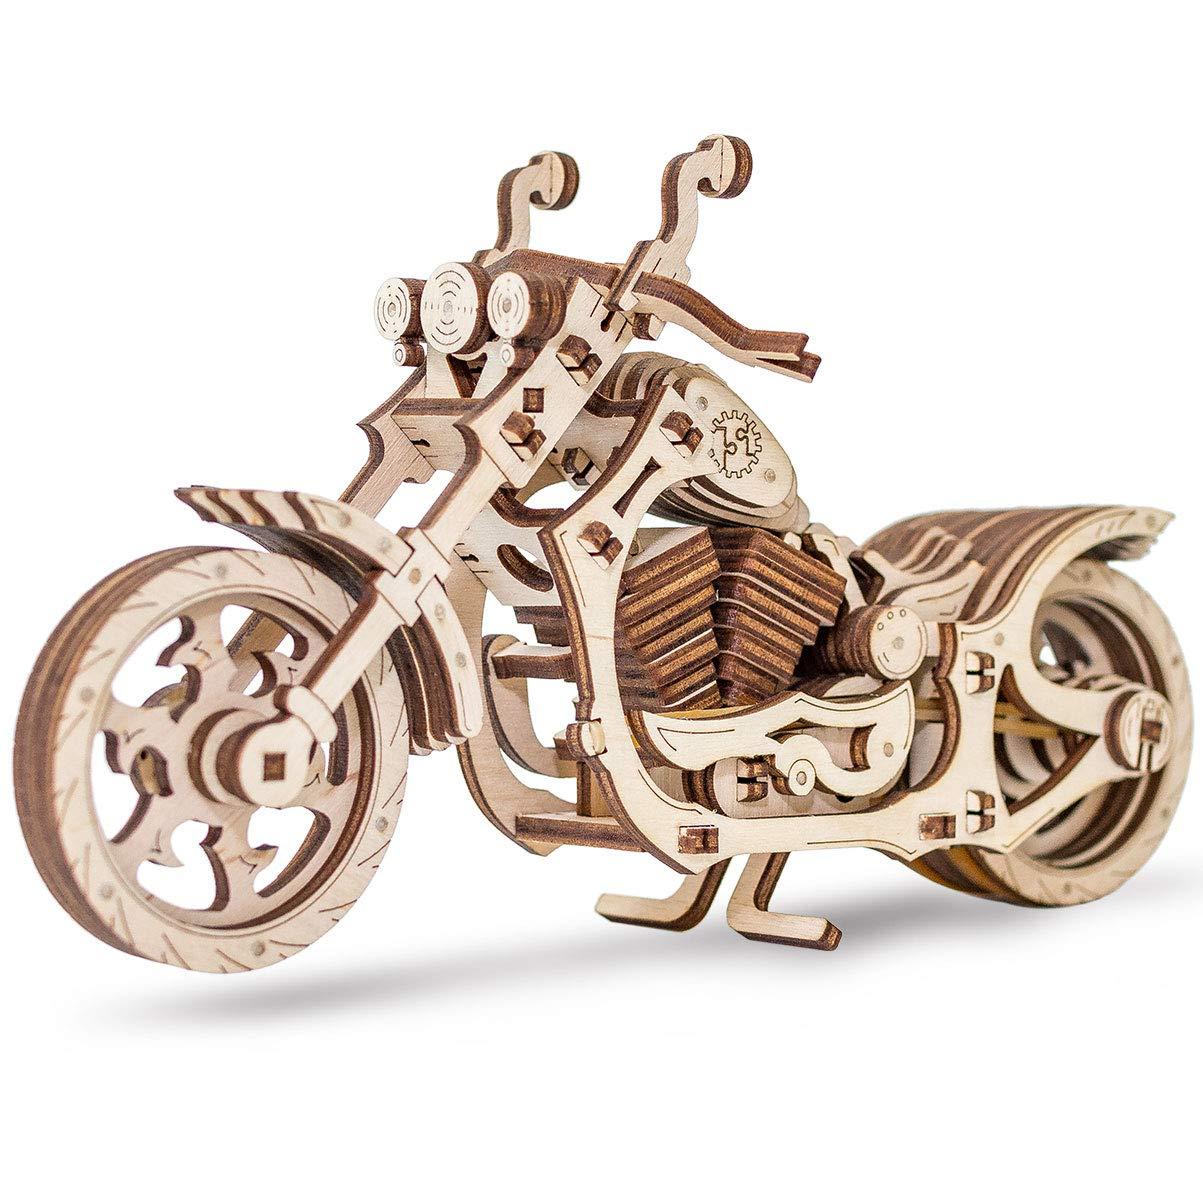 世界有名な EWA Eco-Wood-Art モデル - - クルーザー モデル Eco-Wood-Art、3D木製パズル、エコフレンドリー、DIYメカニカル、ゴムバンドモーター、接着剤不要 B07G49VH4B, 吉谷農芸:d11dcb28 --- a0267596.xsph.ru